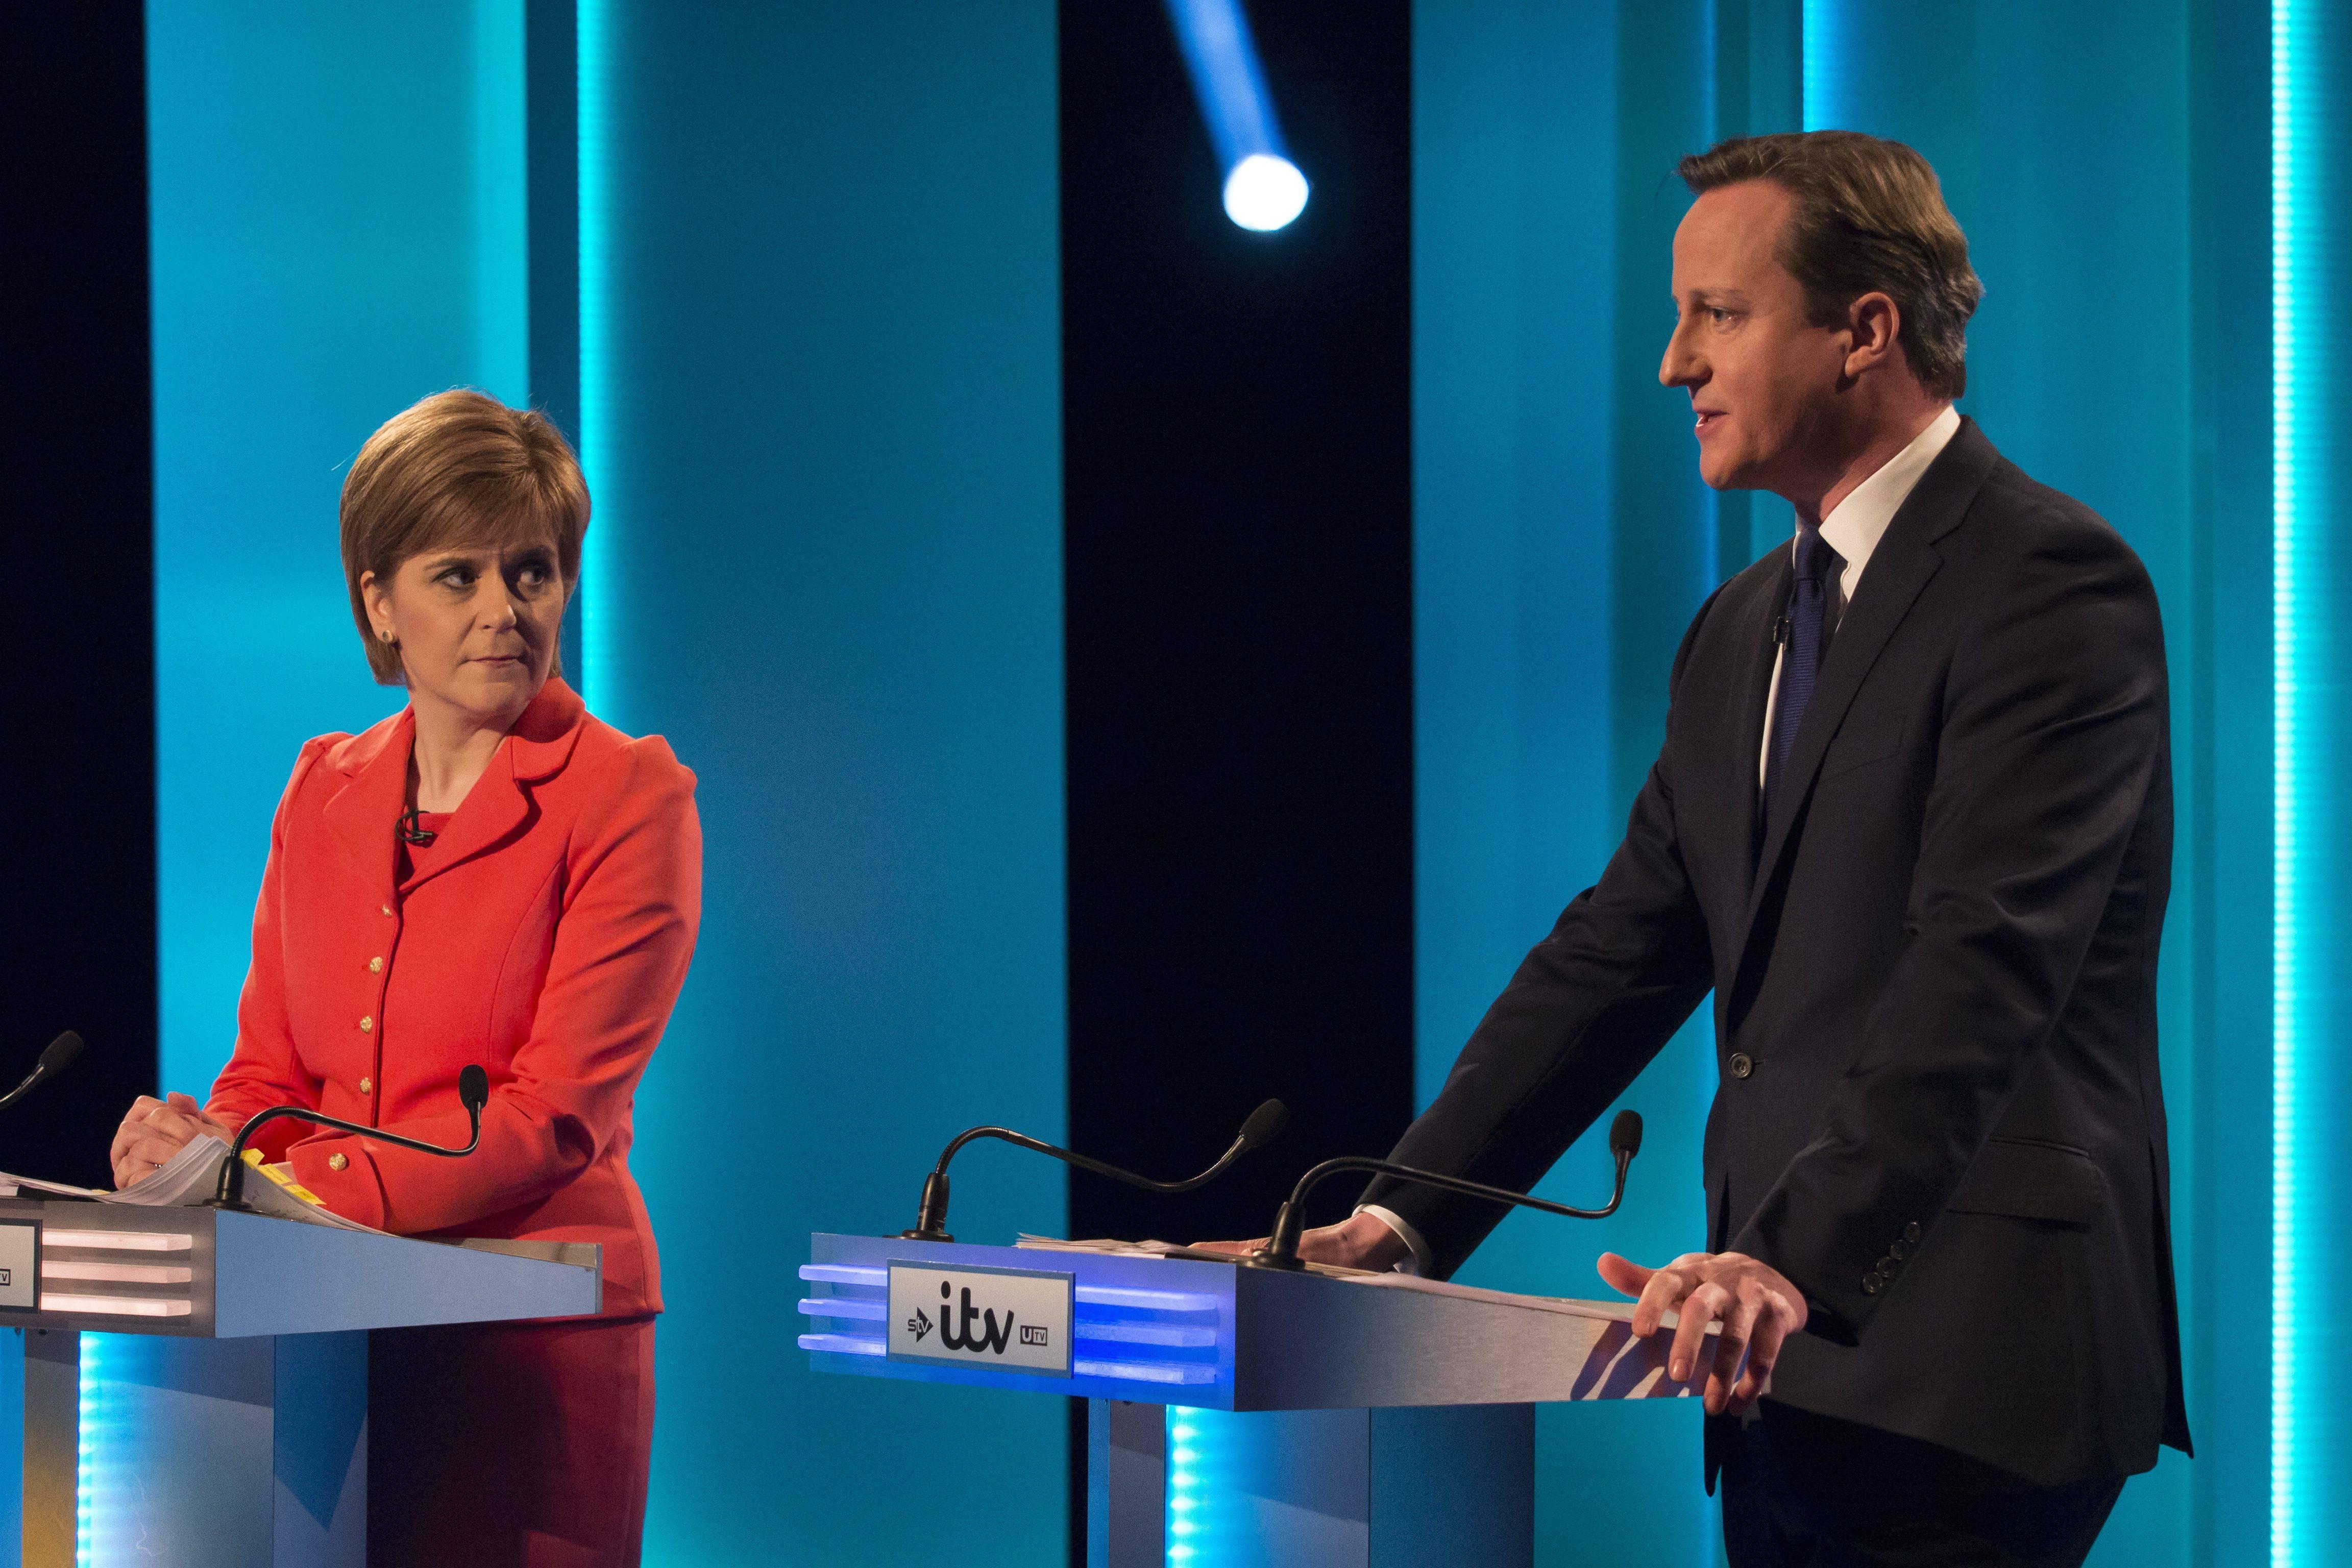 Nicola Sturgeon et David Cameron lors du débat télévisé à Salford, le 2 avril dernier. (Ken McKay/ITV)